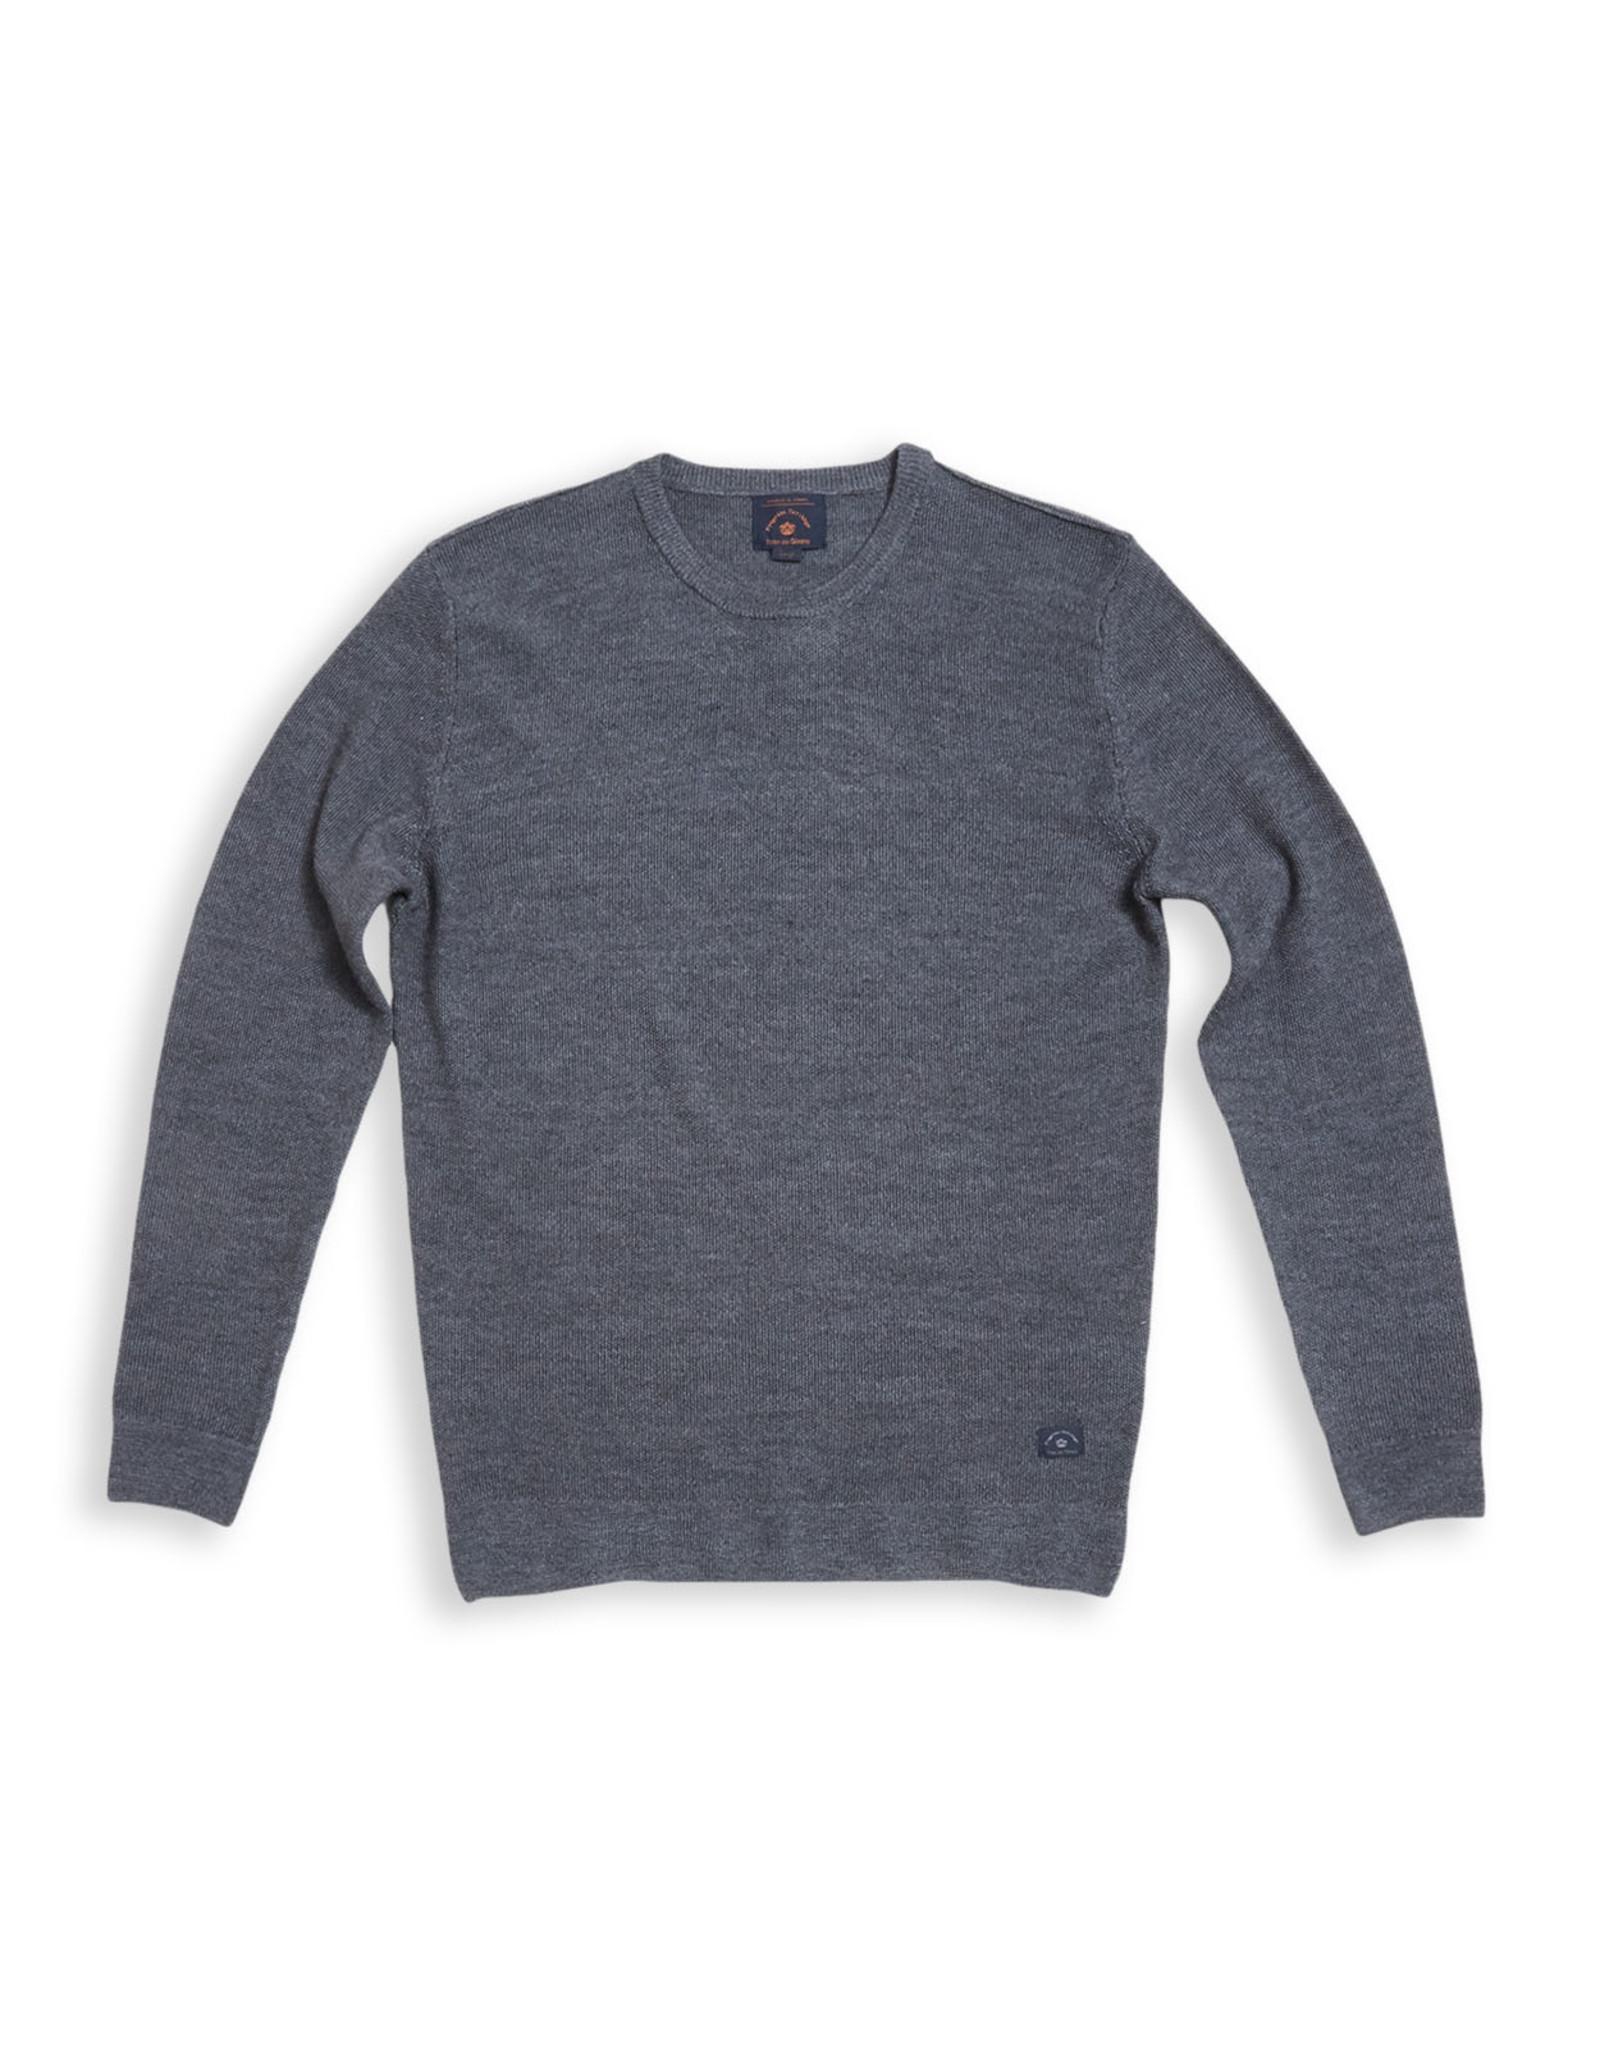 Blue de genes tondo knit